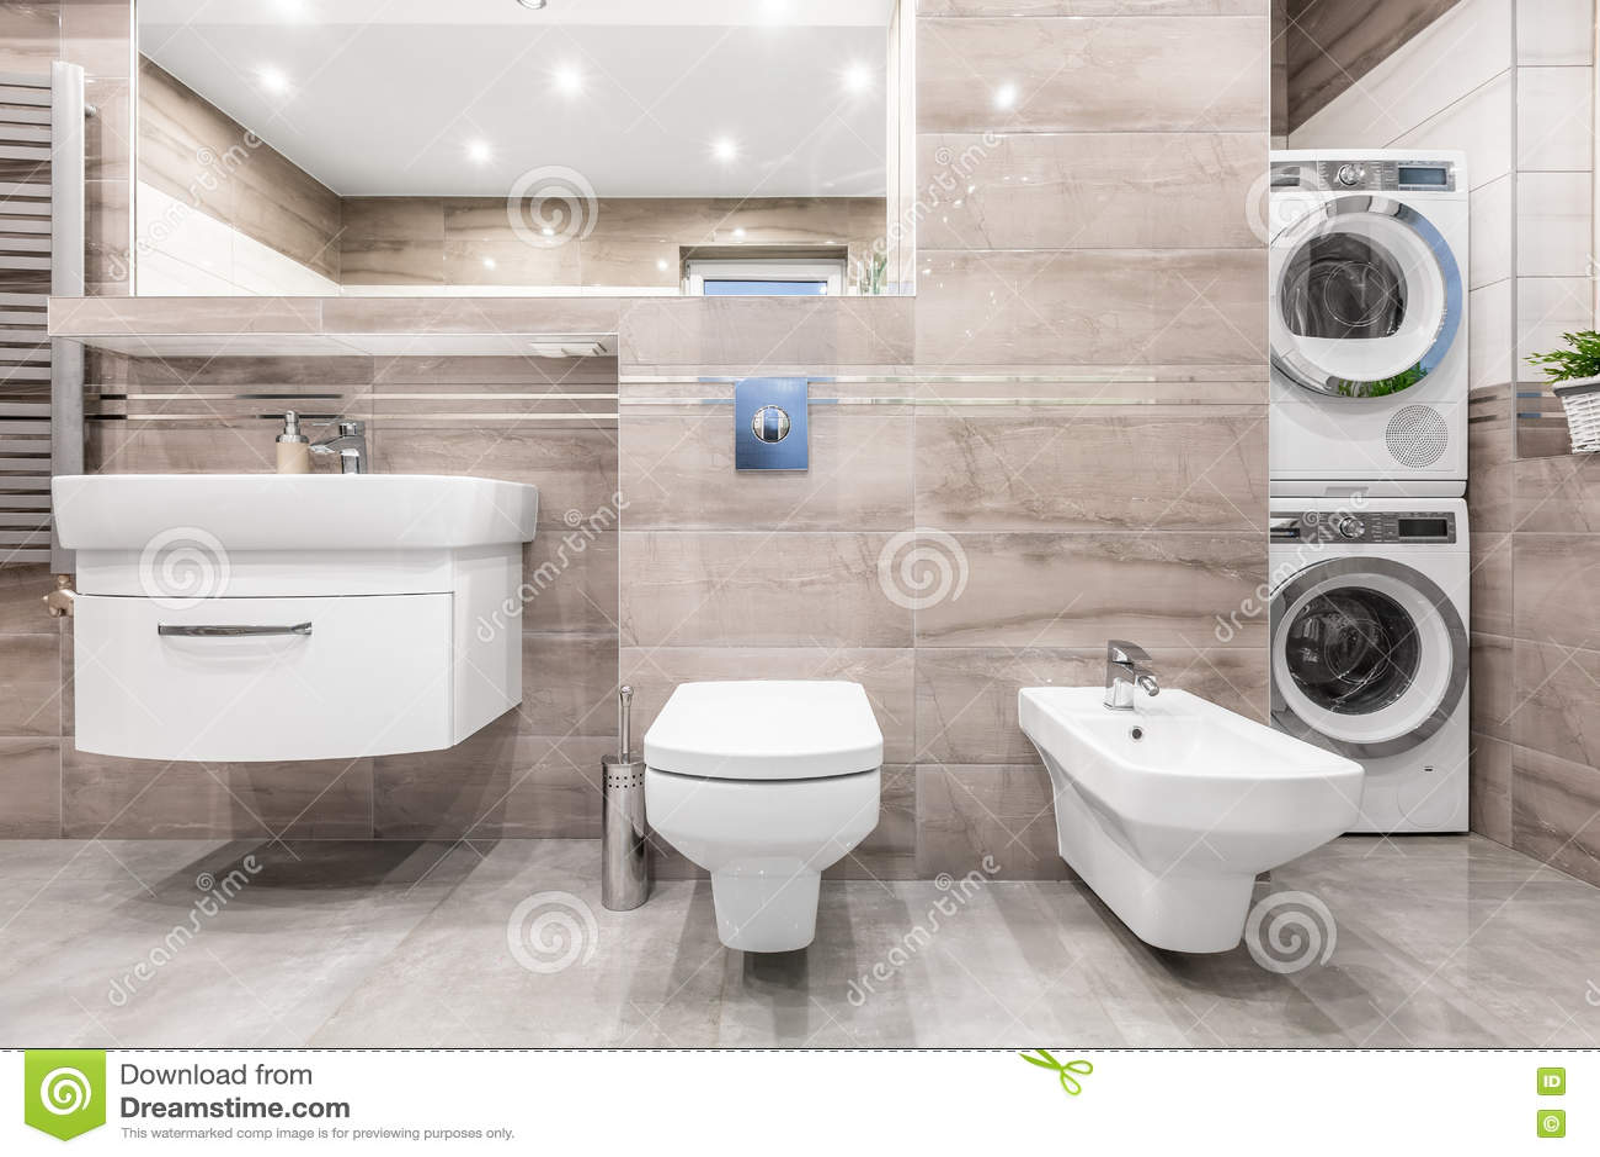 Cuarto de ba o con idea del lavadero foto de archivo for Lavadero de bano precio